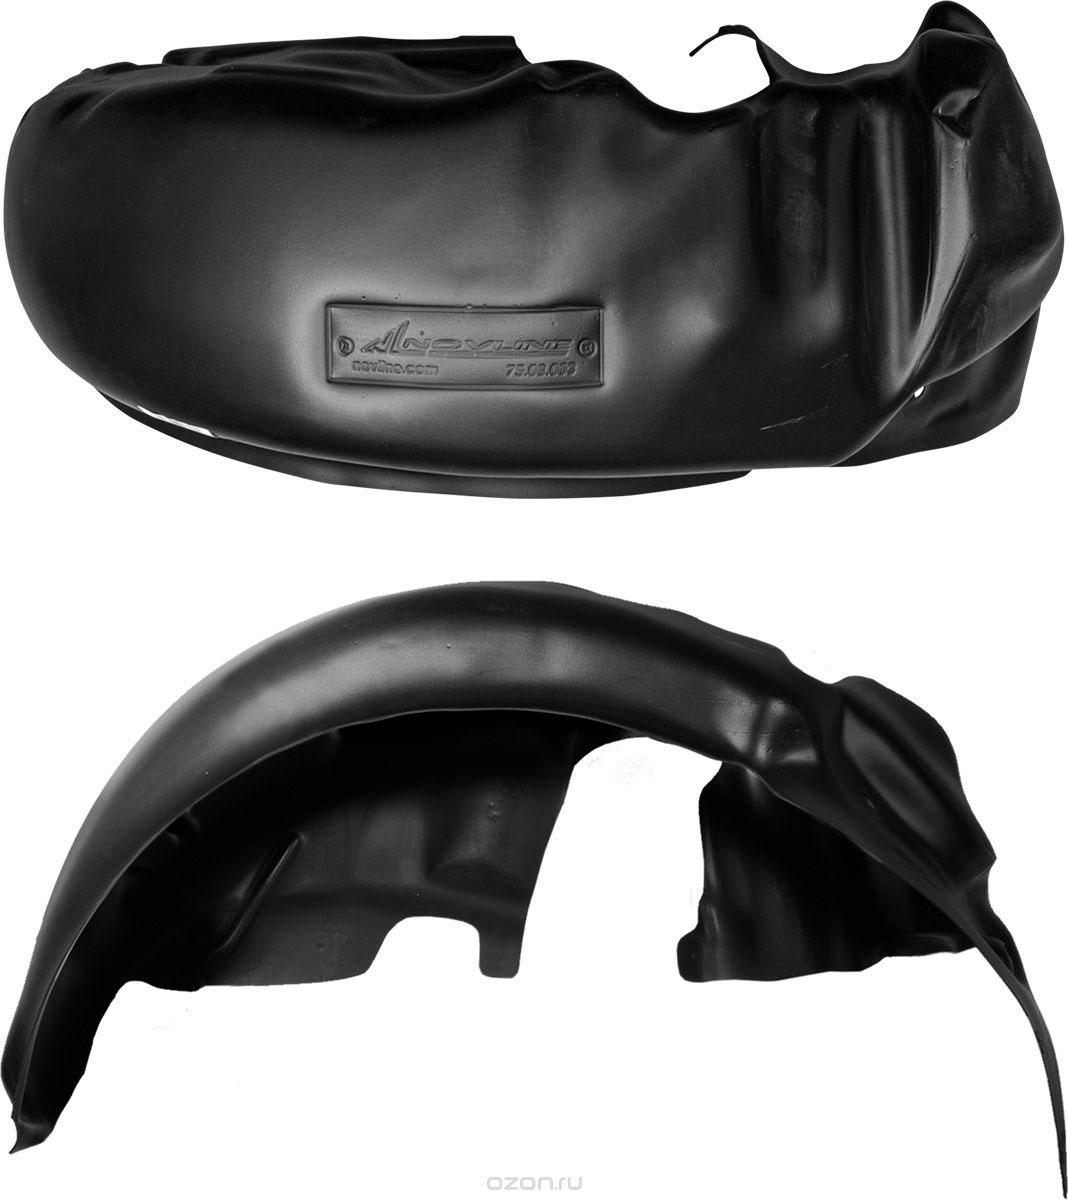 Подкрылок Novline-Autofamily, для ВАЗ 2105,07 1982-2010, б/б, задний правыйVCA-00Идеальная защита колесной ниши. Локеры разработаны с применением цифровых технологий, гарантируют максимальную повторяемость поверхности арки. Изделия устанавливаются без нарушения лакокрасочного покрытия автомобиля, каждый подкрылок комплектуется крепежом. Уважаемые клиенты, обращаем ваше внимание, что фотографии на подкрылки универсальные и не отражают реальную форму изделия. При этом само изделие идет точно под размер указанного автомобиля.